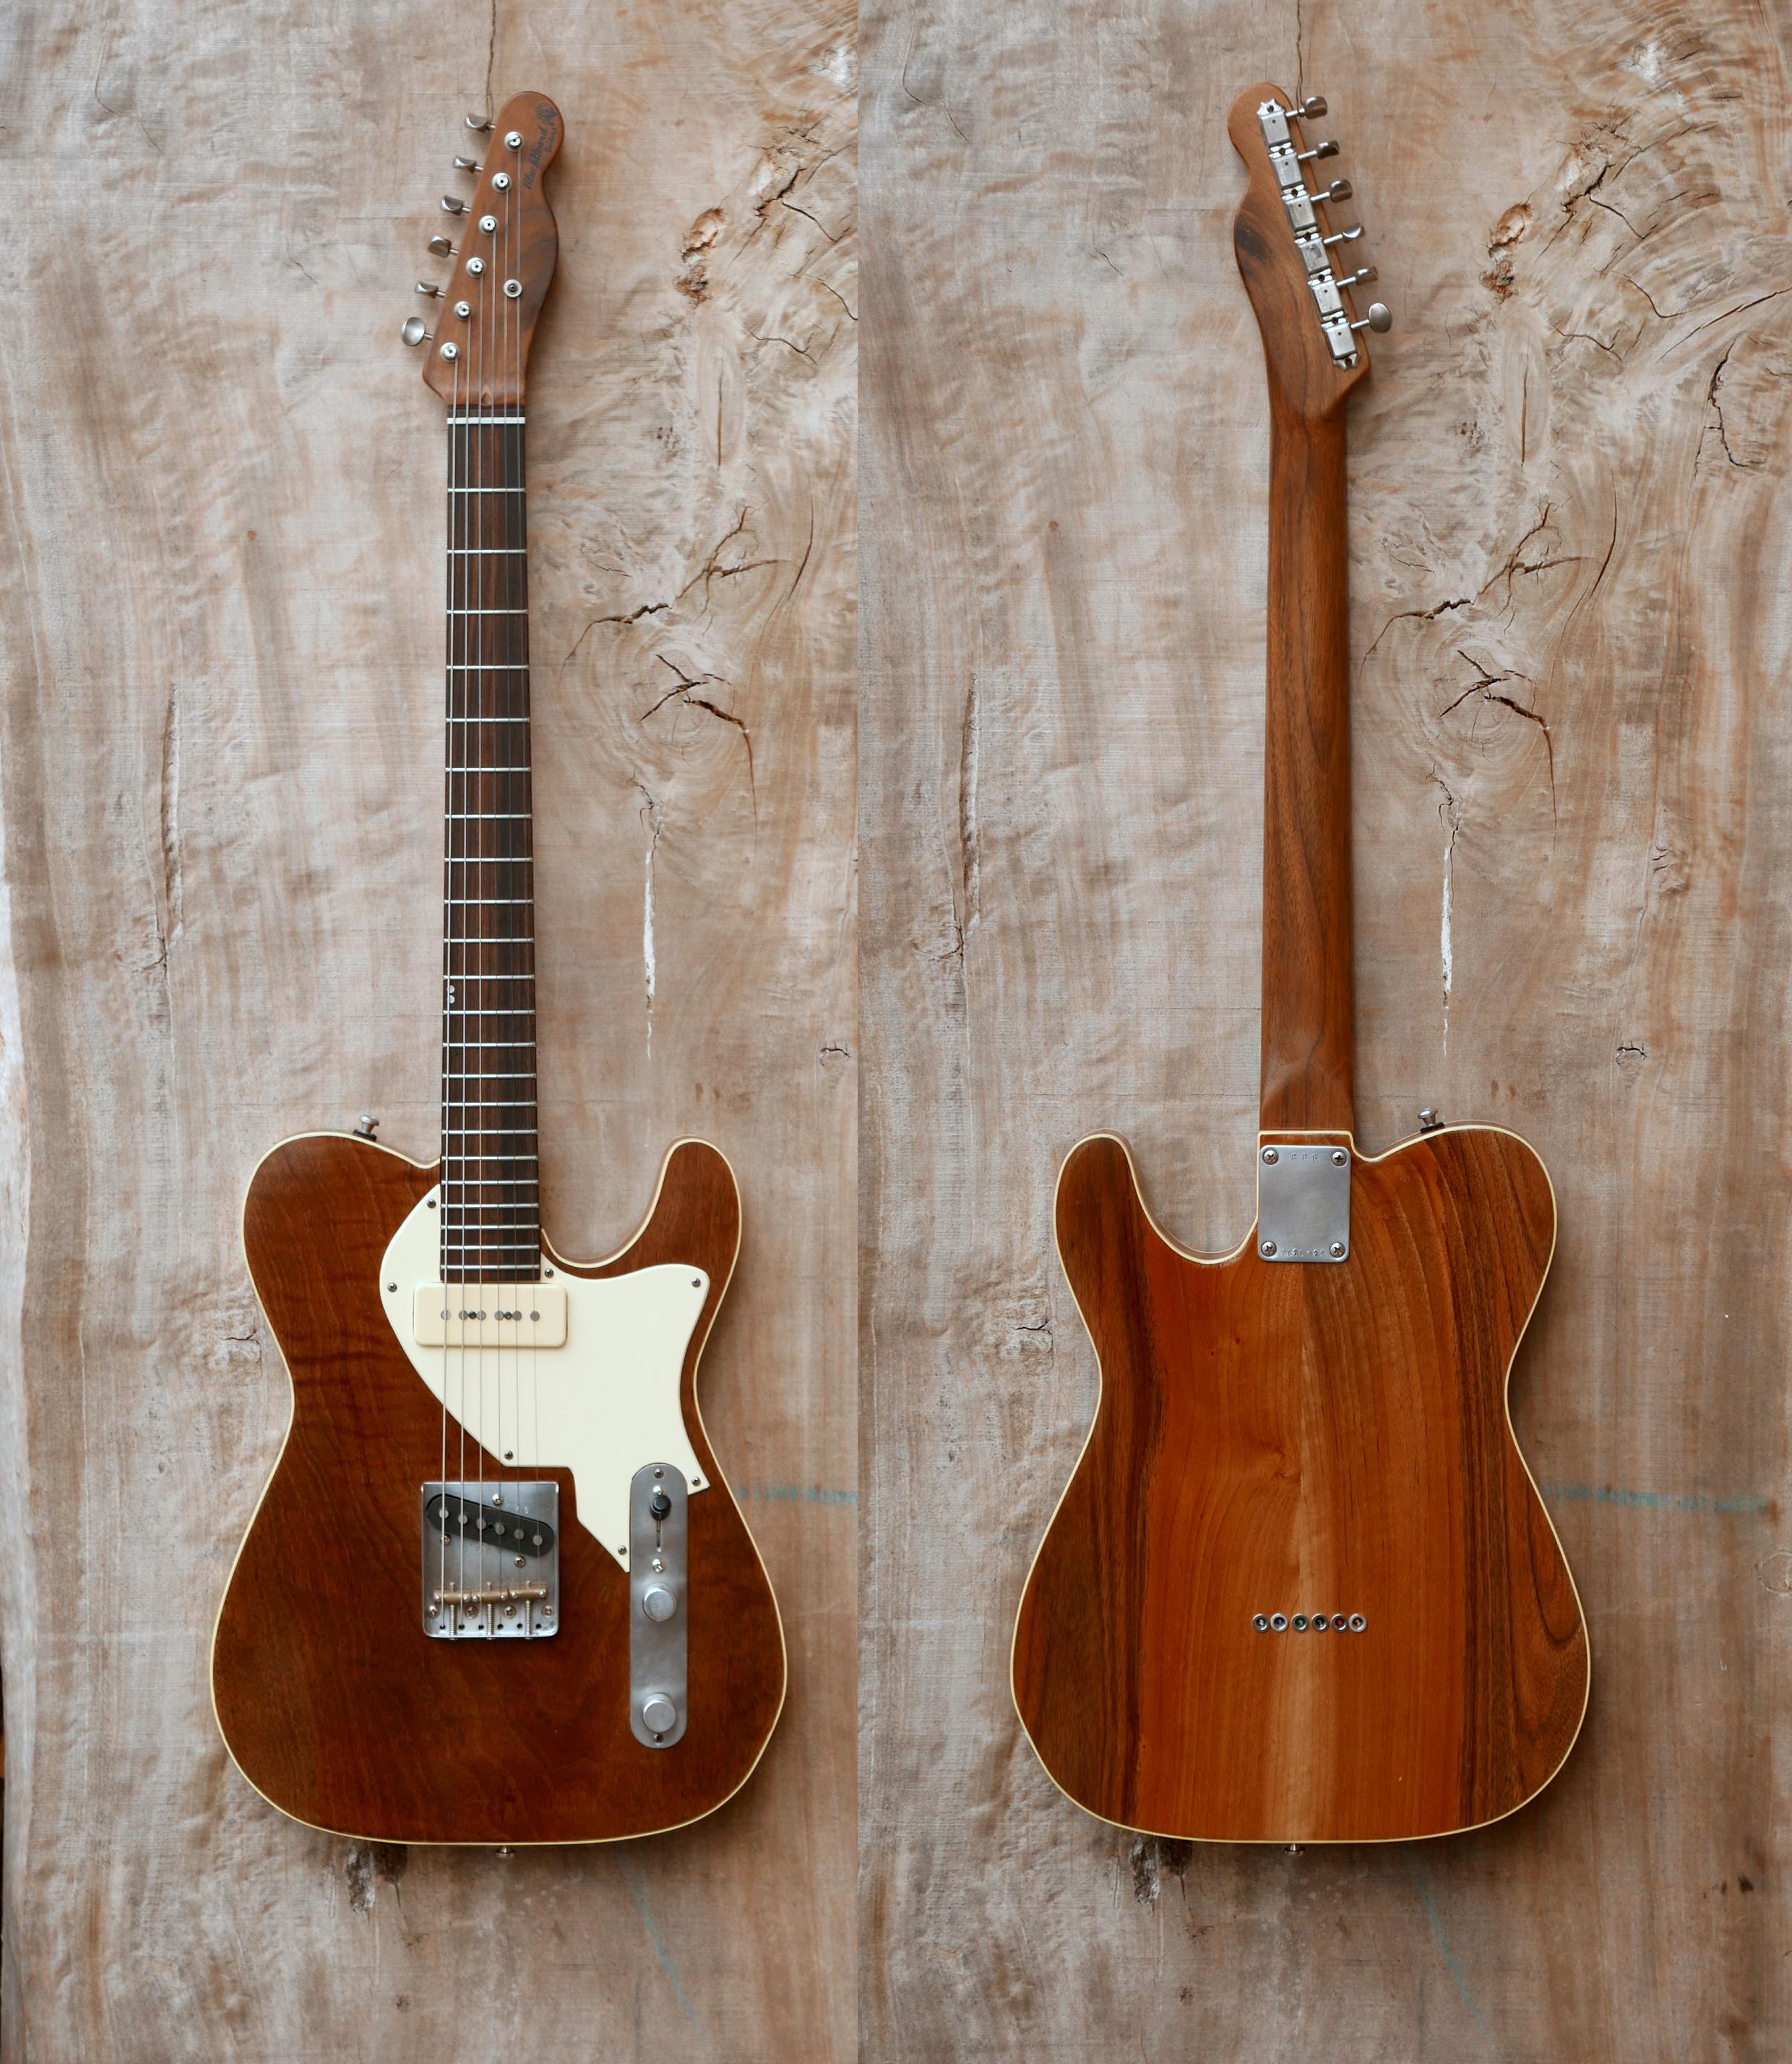 chitarra telecaster appesa fronte retro